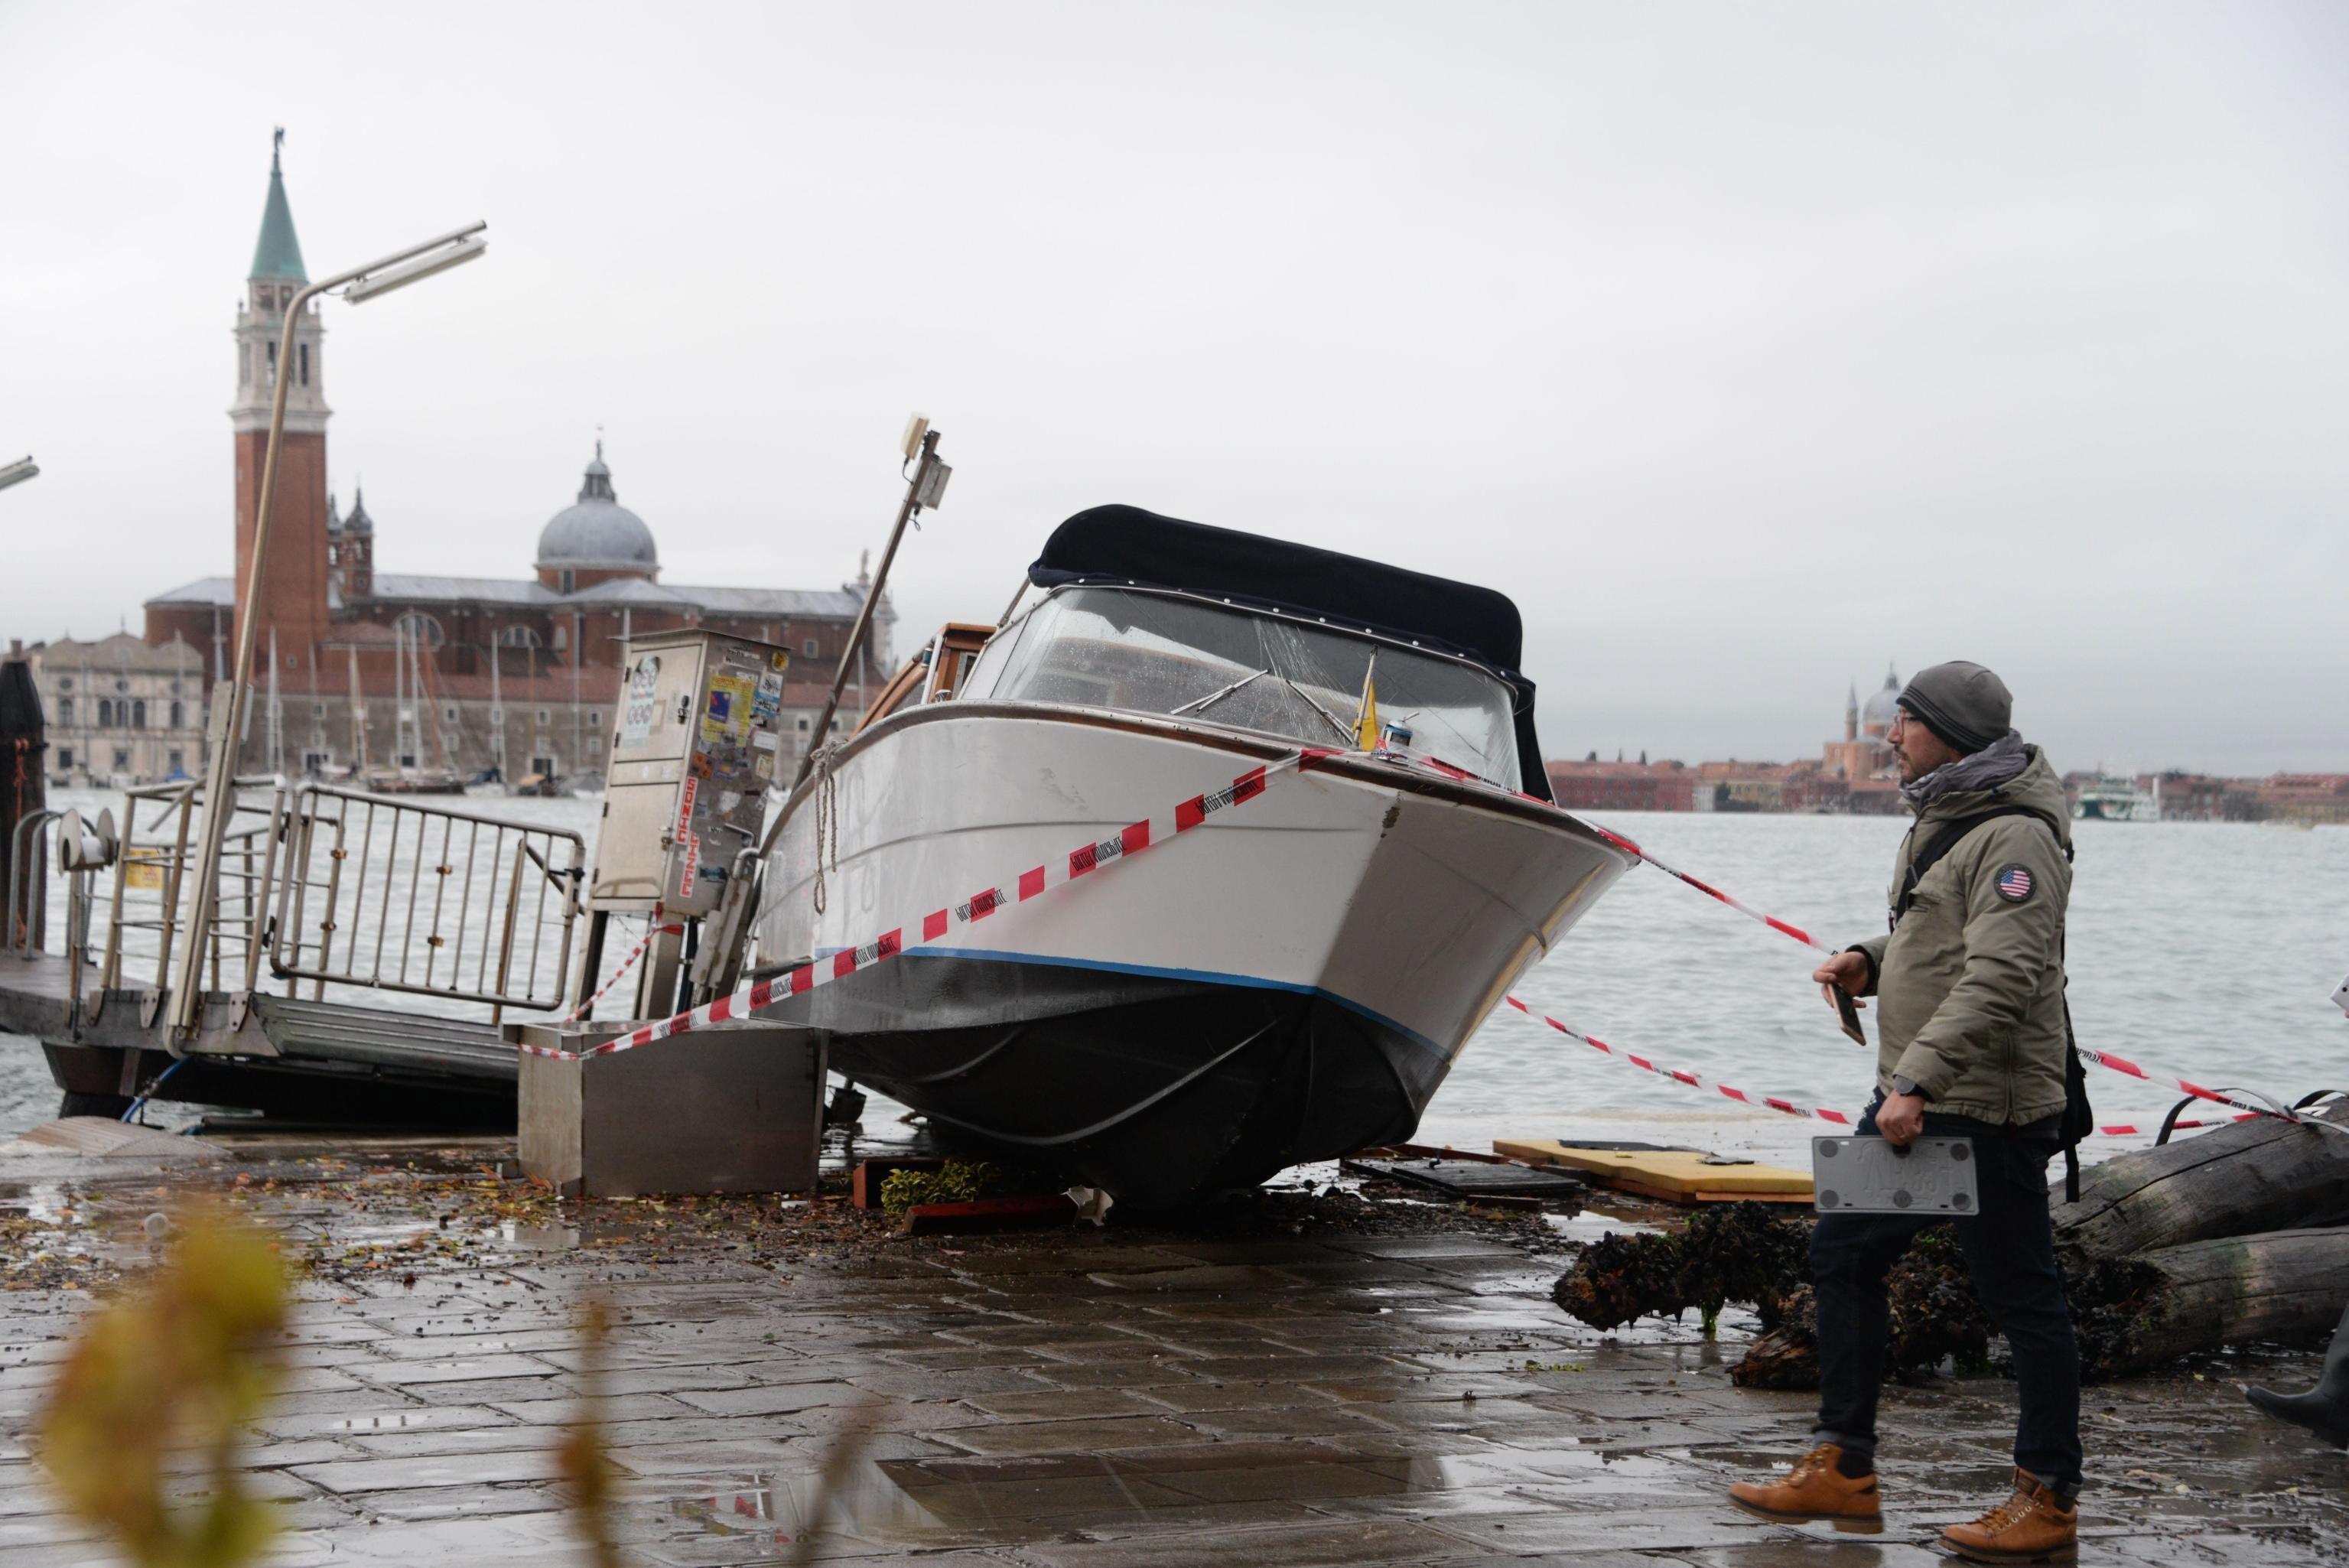 """El fenómeno """"aguas altas"""" inundó a Venecia. (Foto: EFE)"""